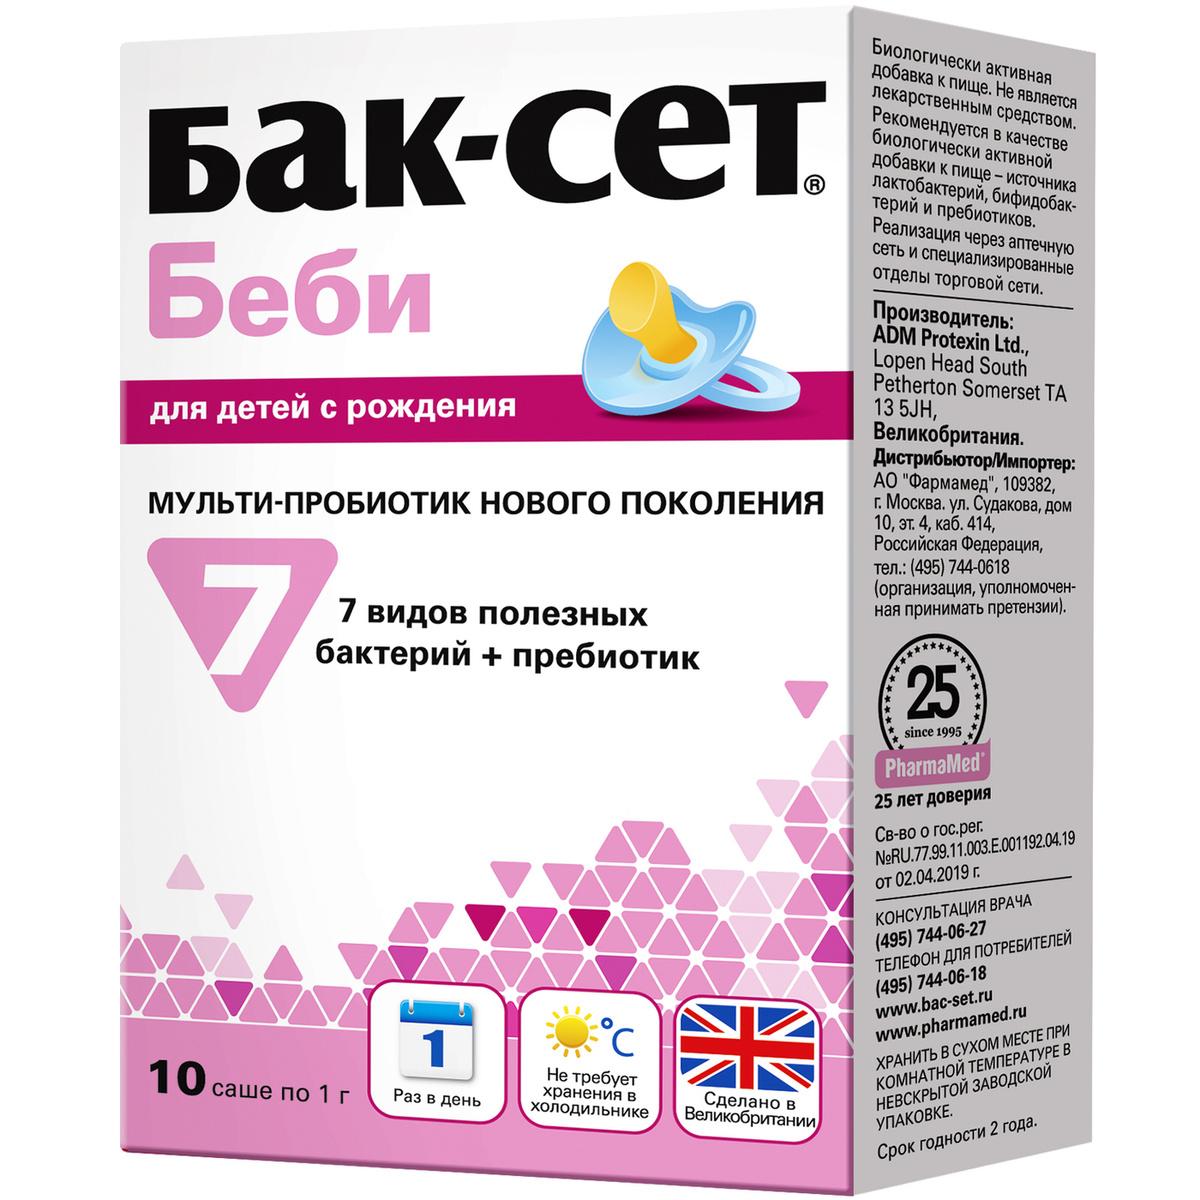 Бак-Сет Беби, английский мульти пробиотик для детей с рождения. Проботики + пребиотик для кишечника. #1